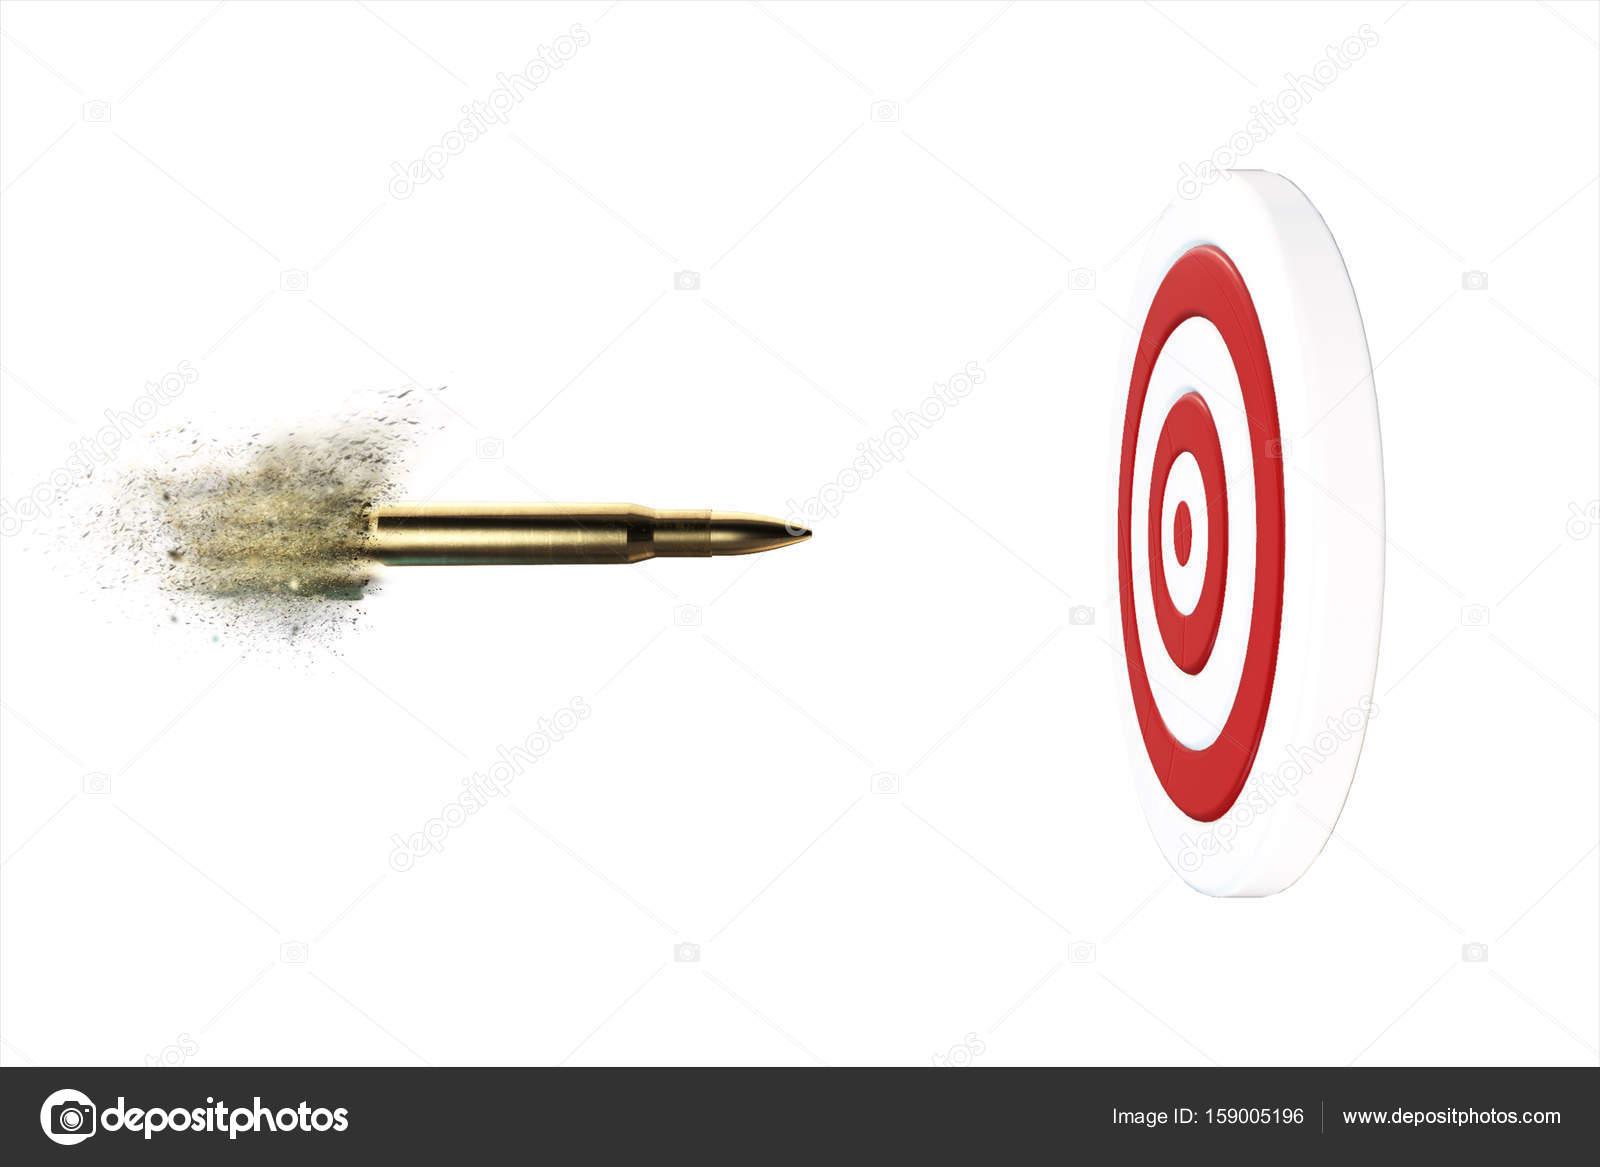 фотография картинка пули летящей в цель отличается что